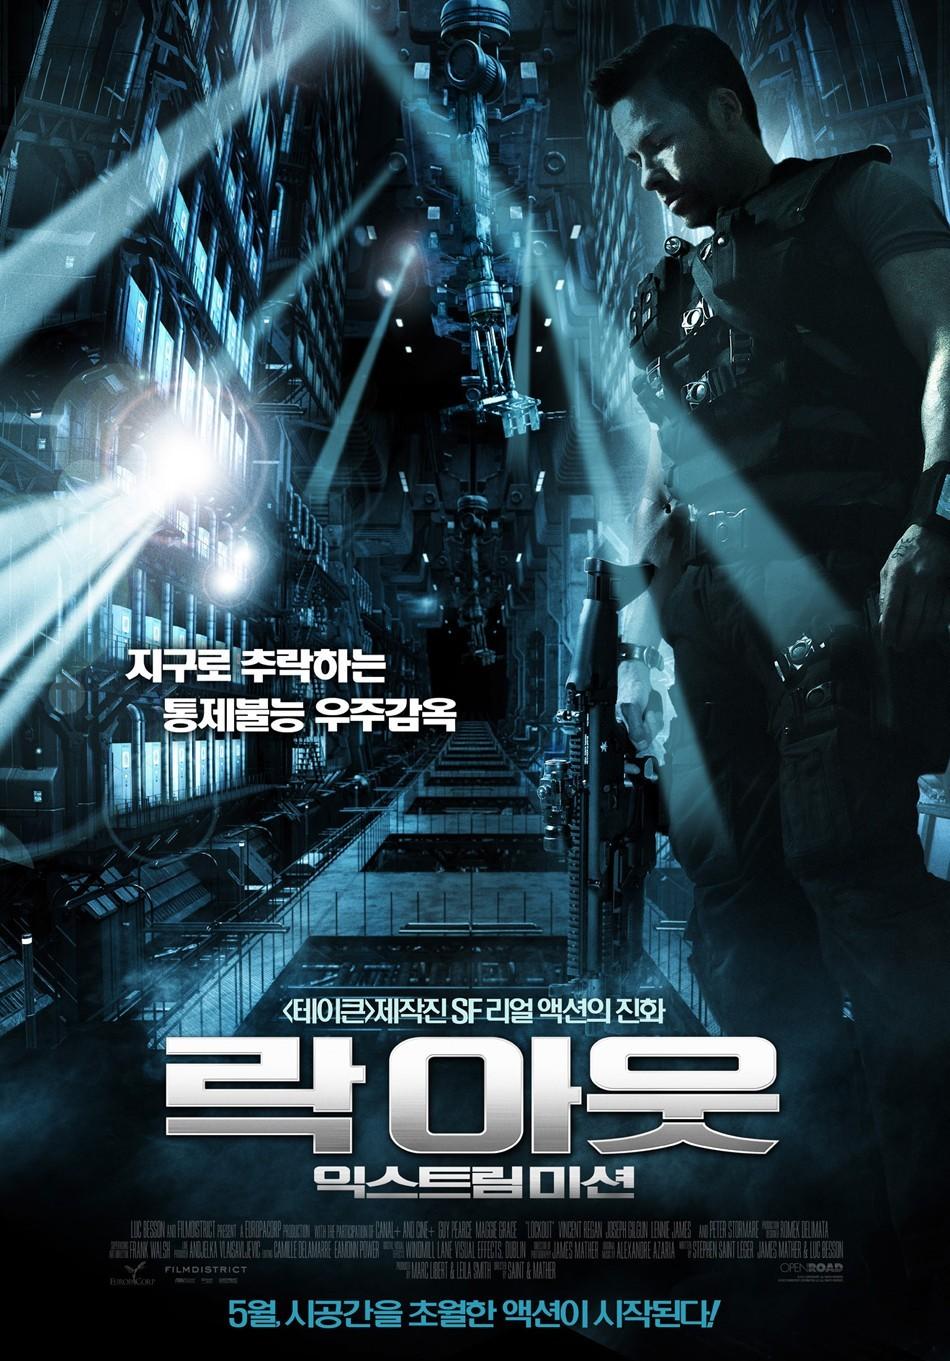 плакат фильма постер Напролом